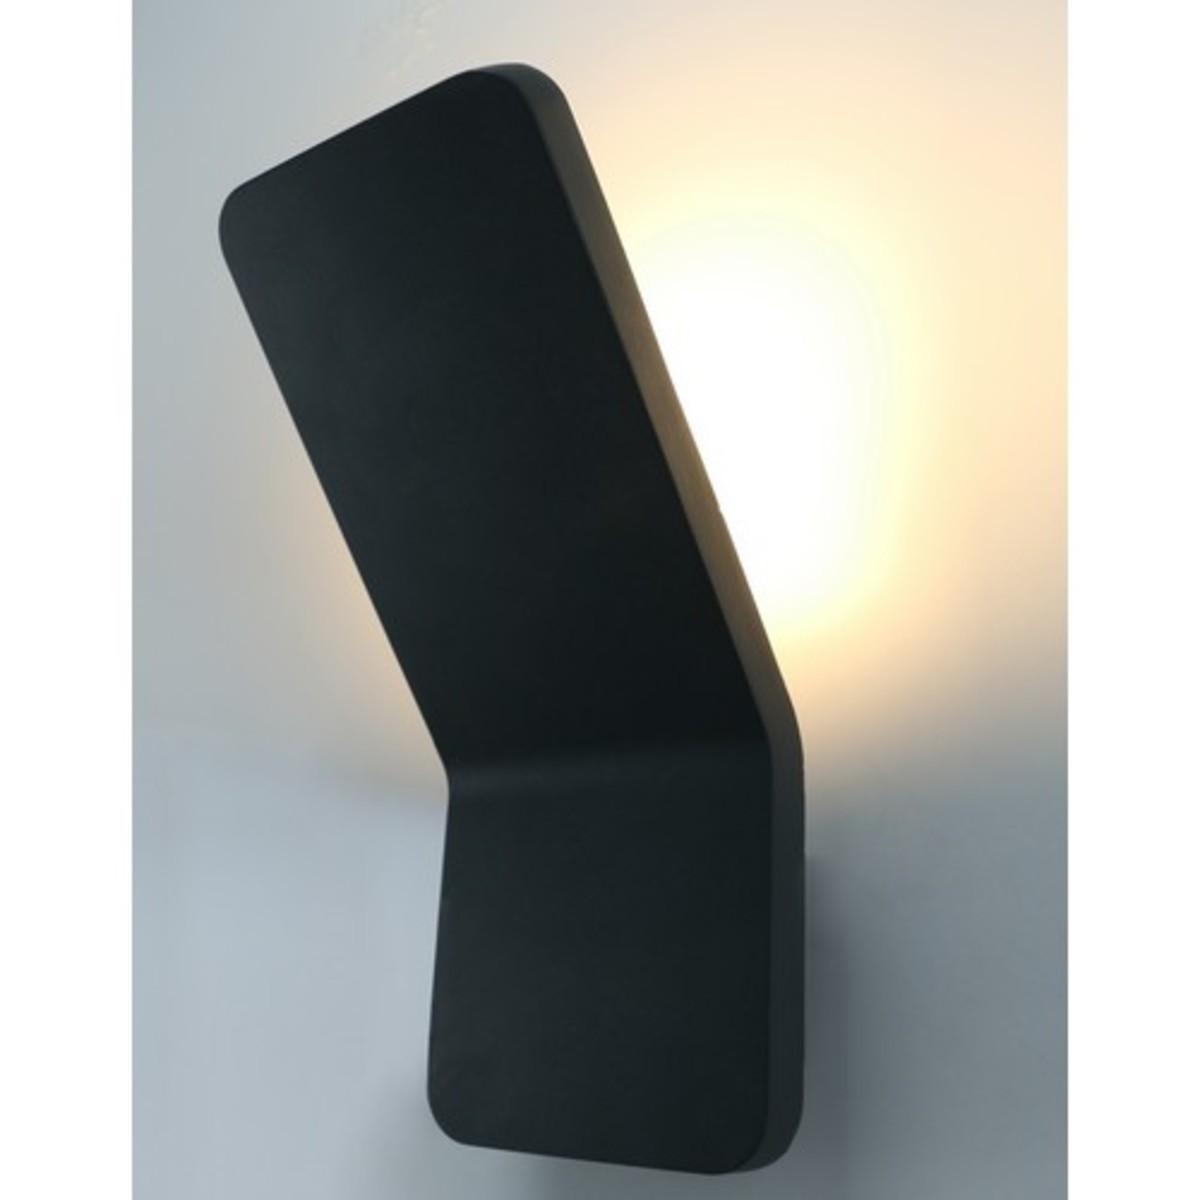 Светильник уличный светодиодный Arte Lamp Scorcio A8053AL-1GY IP20